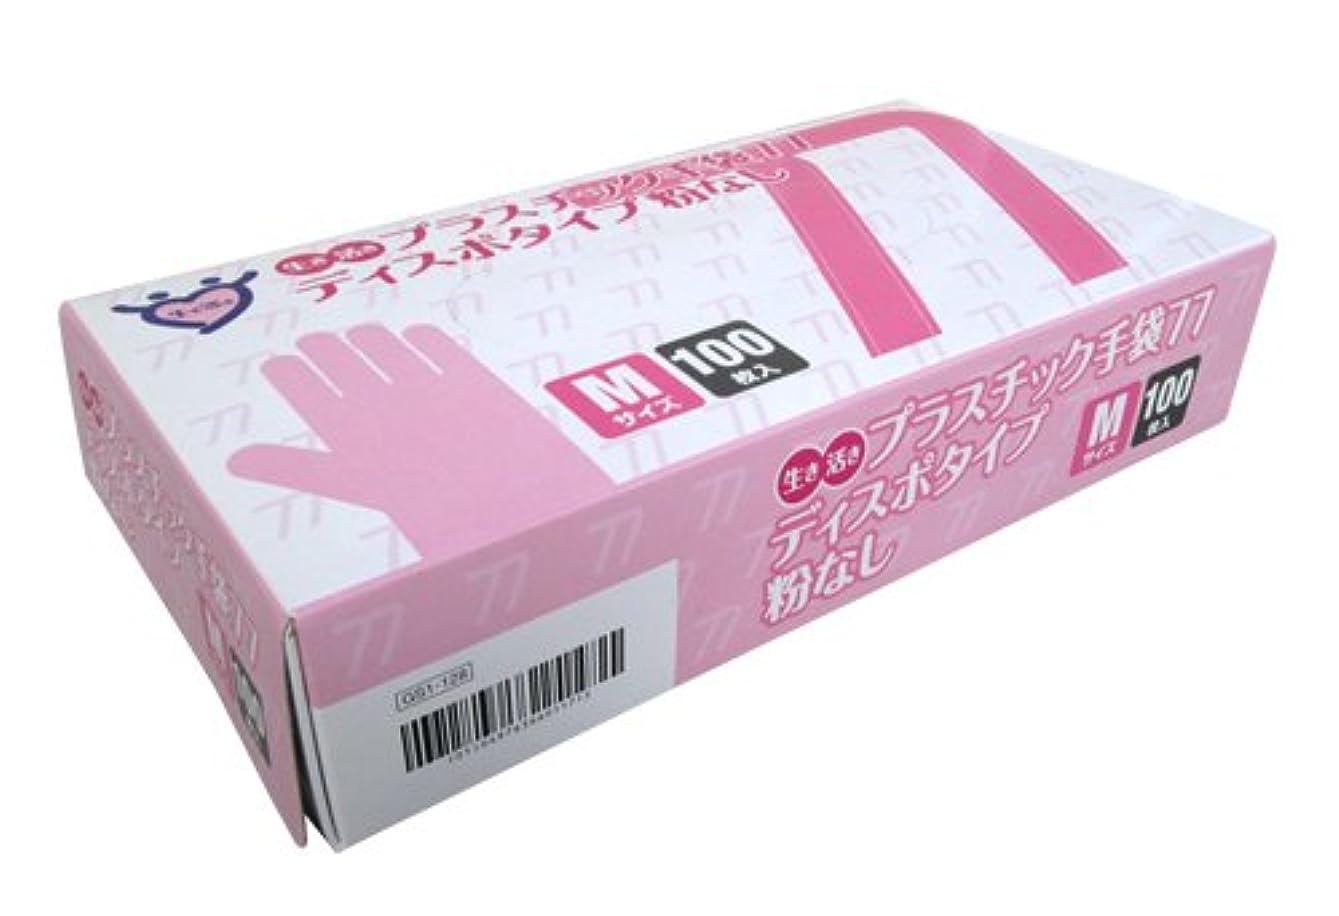 持っているビザで宇都宮製作 生き活きプラスチック手袋77 ディスポタイプ 粉なし 100枚入 M